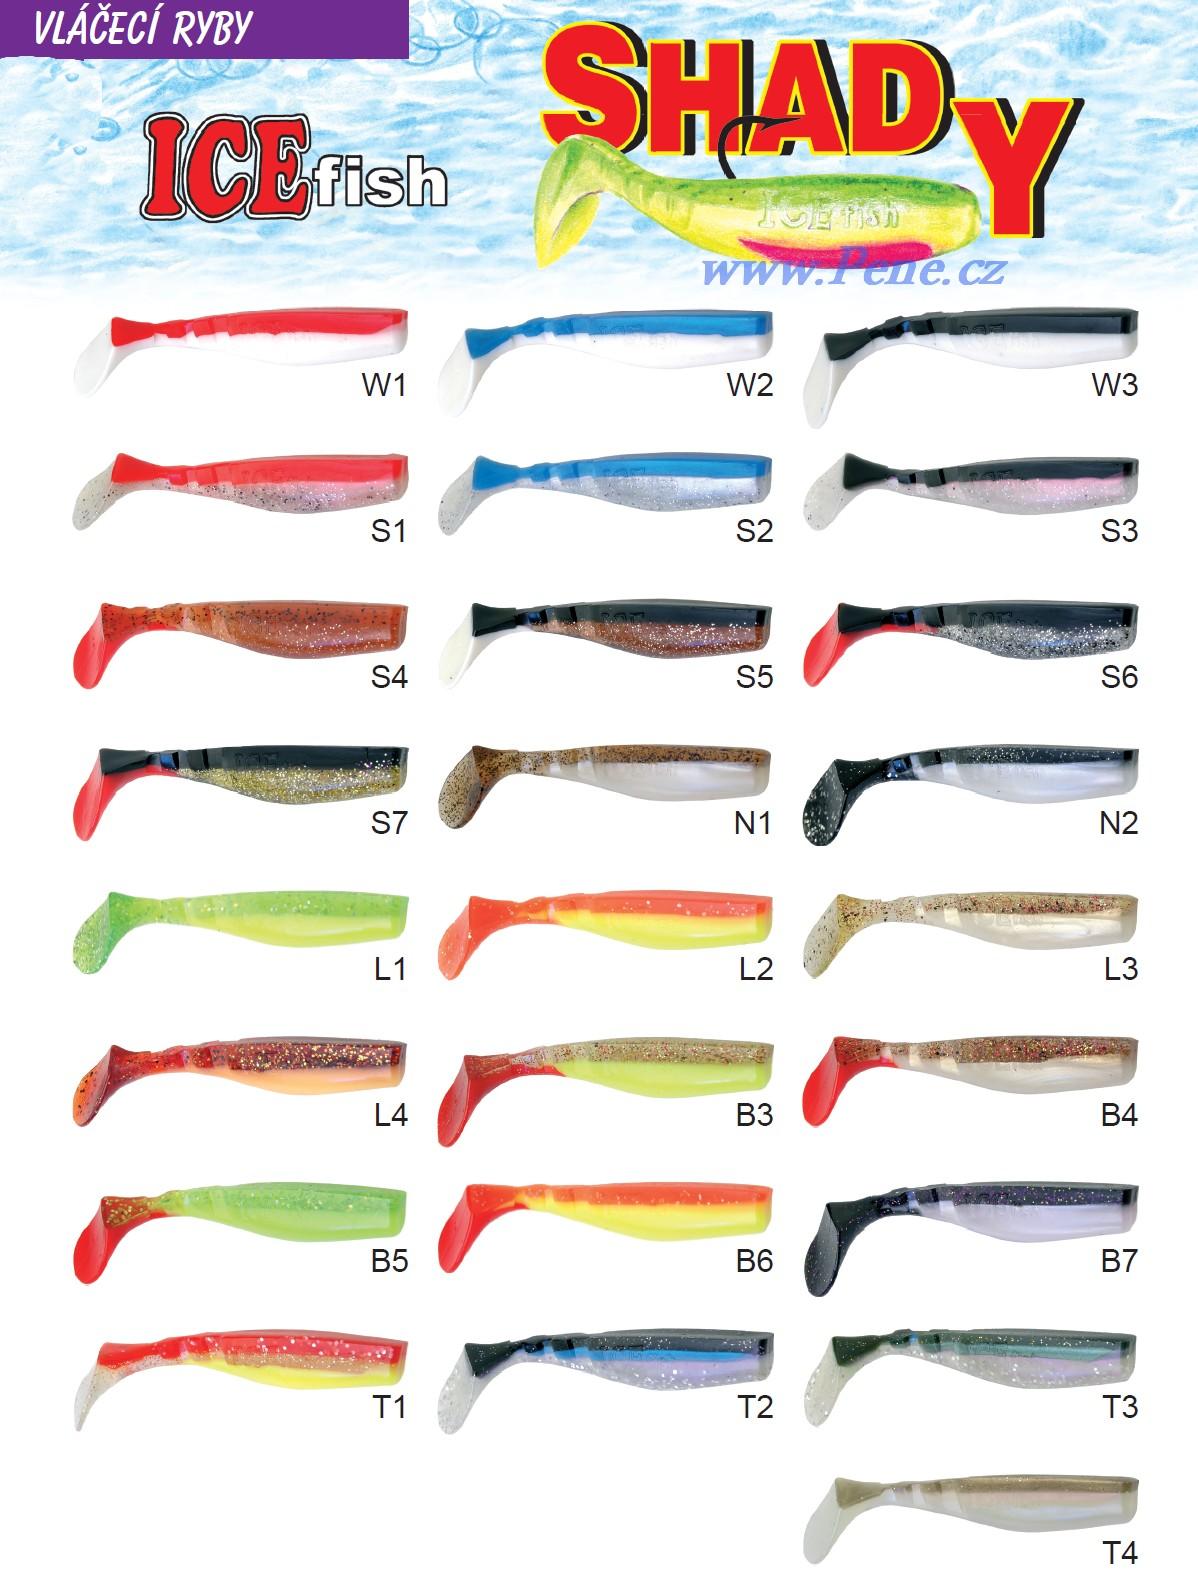 Rybáøské vláèecí ryby Shady riper 7,5cm ICE fish ( kopyto) - zvìtšit obrázek